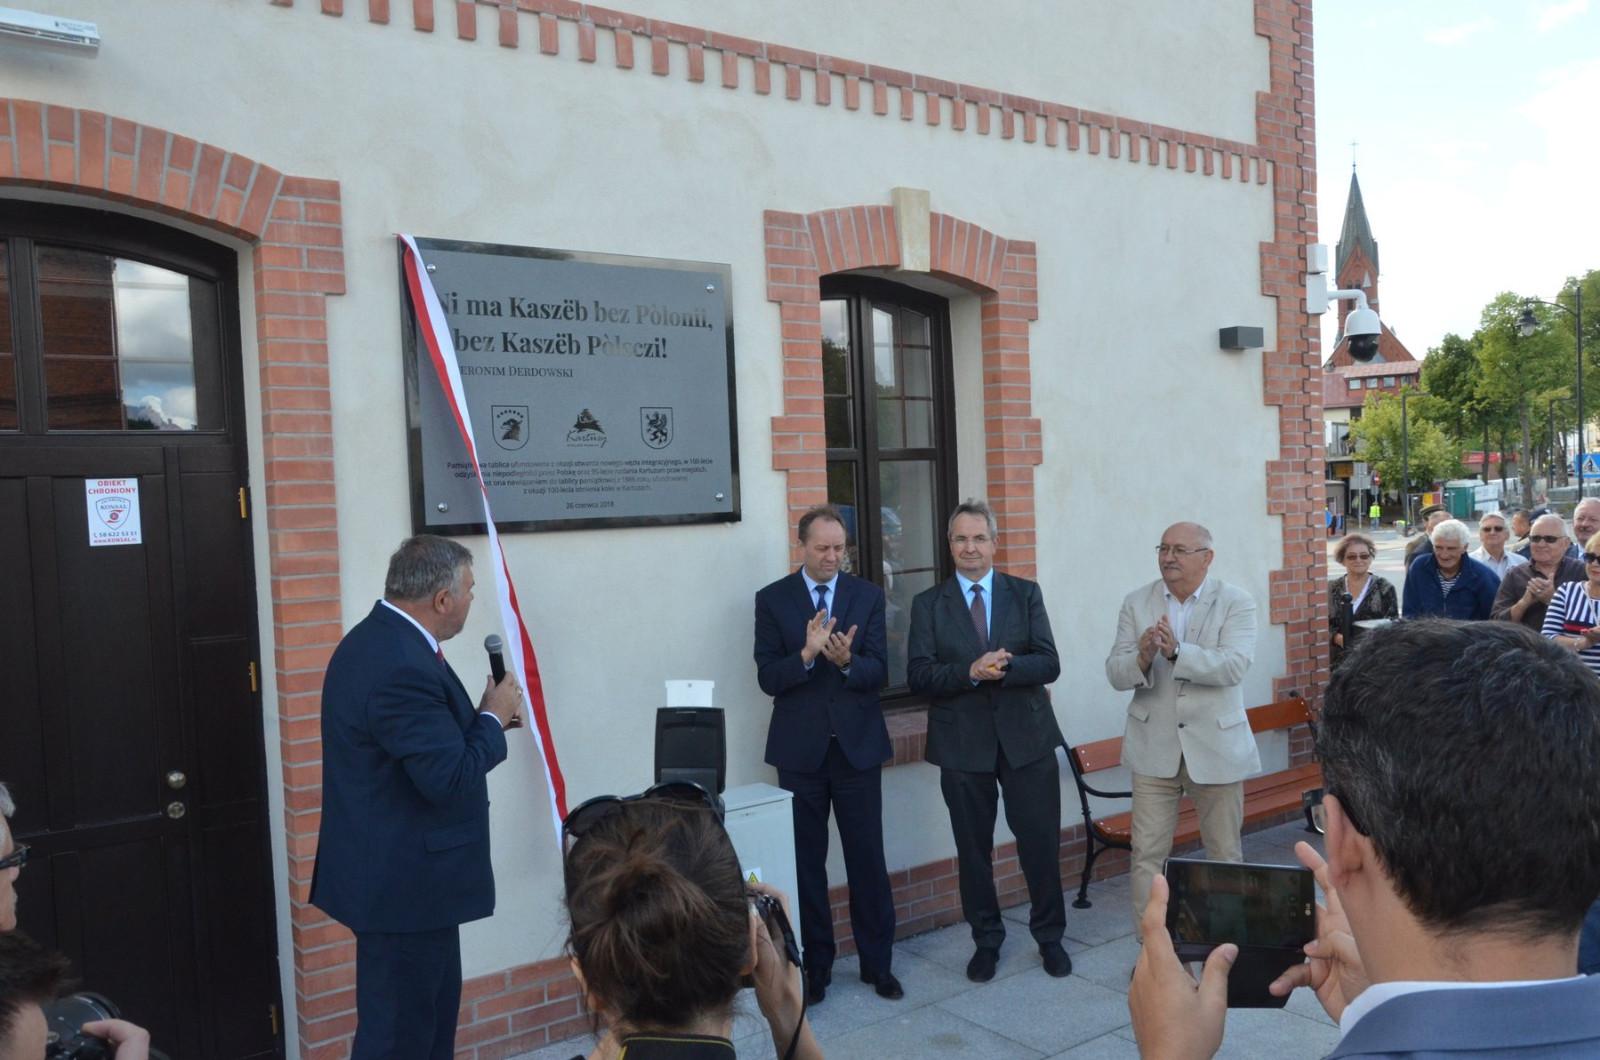 NaKolei.pl - Kartuzy: Oddano do użytku nowy budynek dworca. Będzie pełnił funkcję węzła integracyjnego